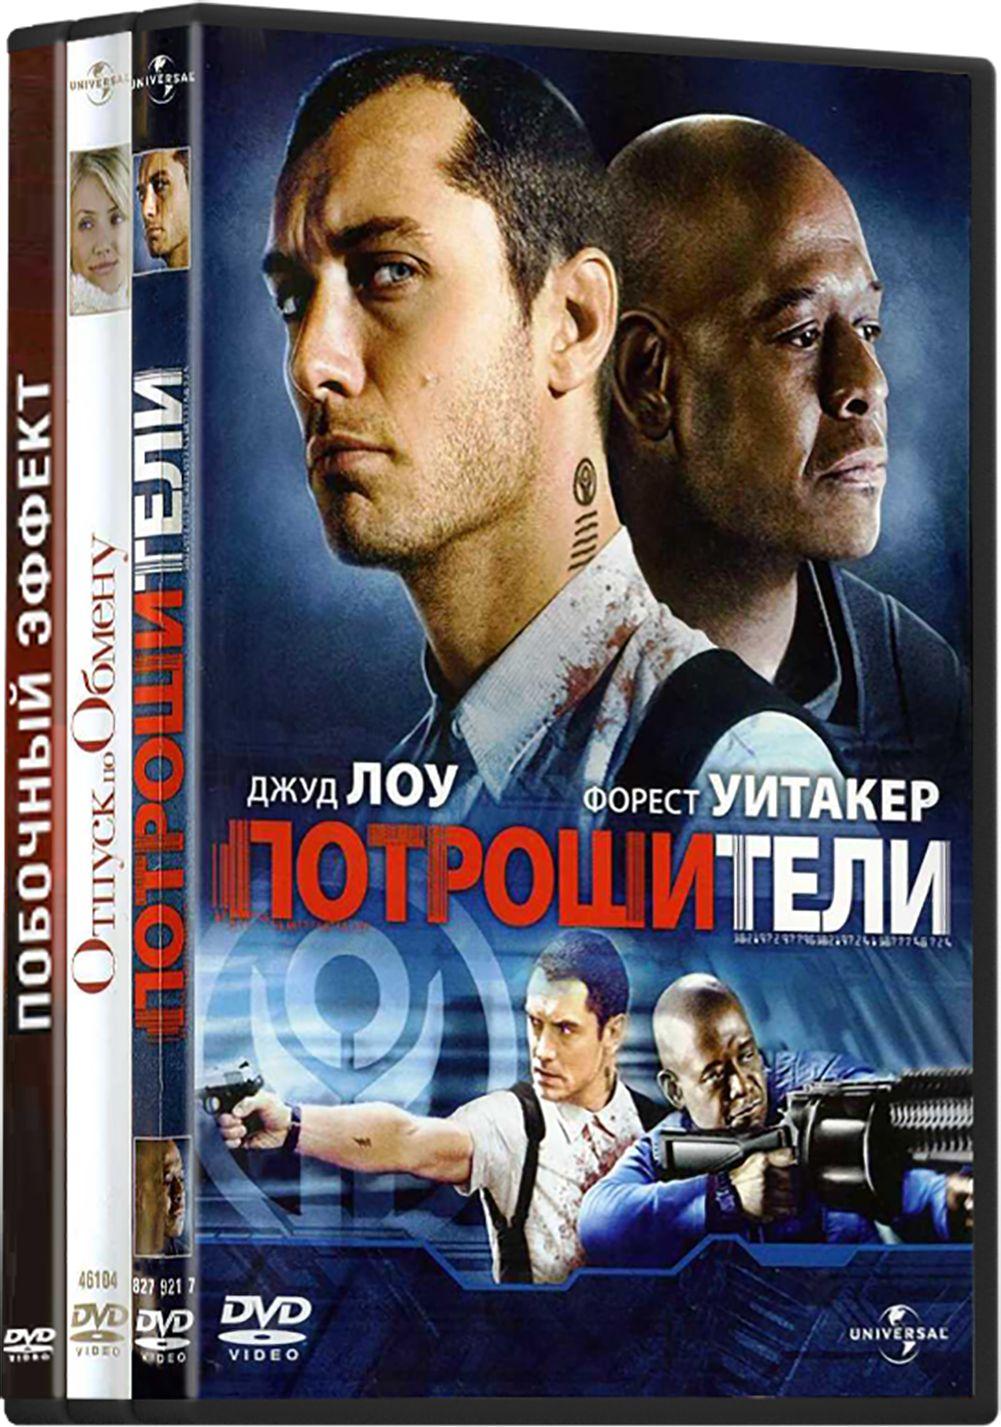 цена на Потрошители / Отпуск по обмену / Побочный эффект (3 DVD)